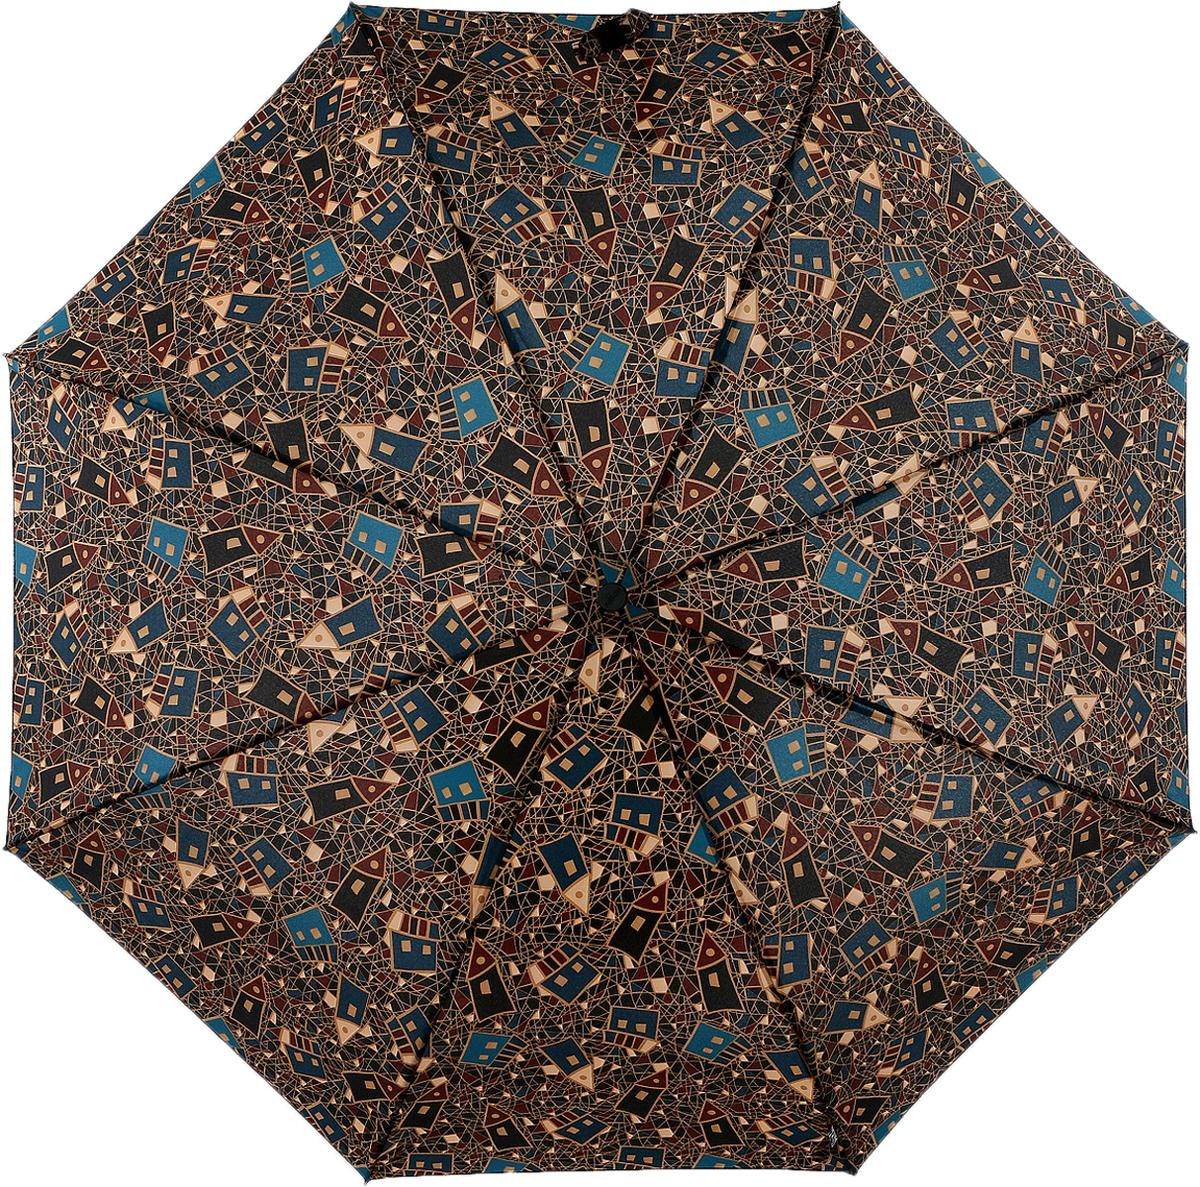 Зонт женский Airton, автомат, 3 сложения, цвет: темно-коричневый, черный, синий. 3915s-145 зонт airton 3917 8028 полный автомат женский